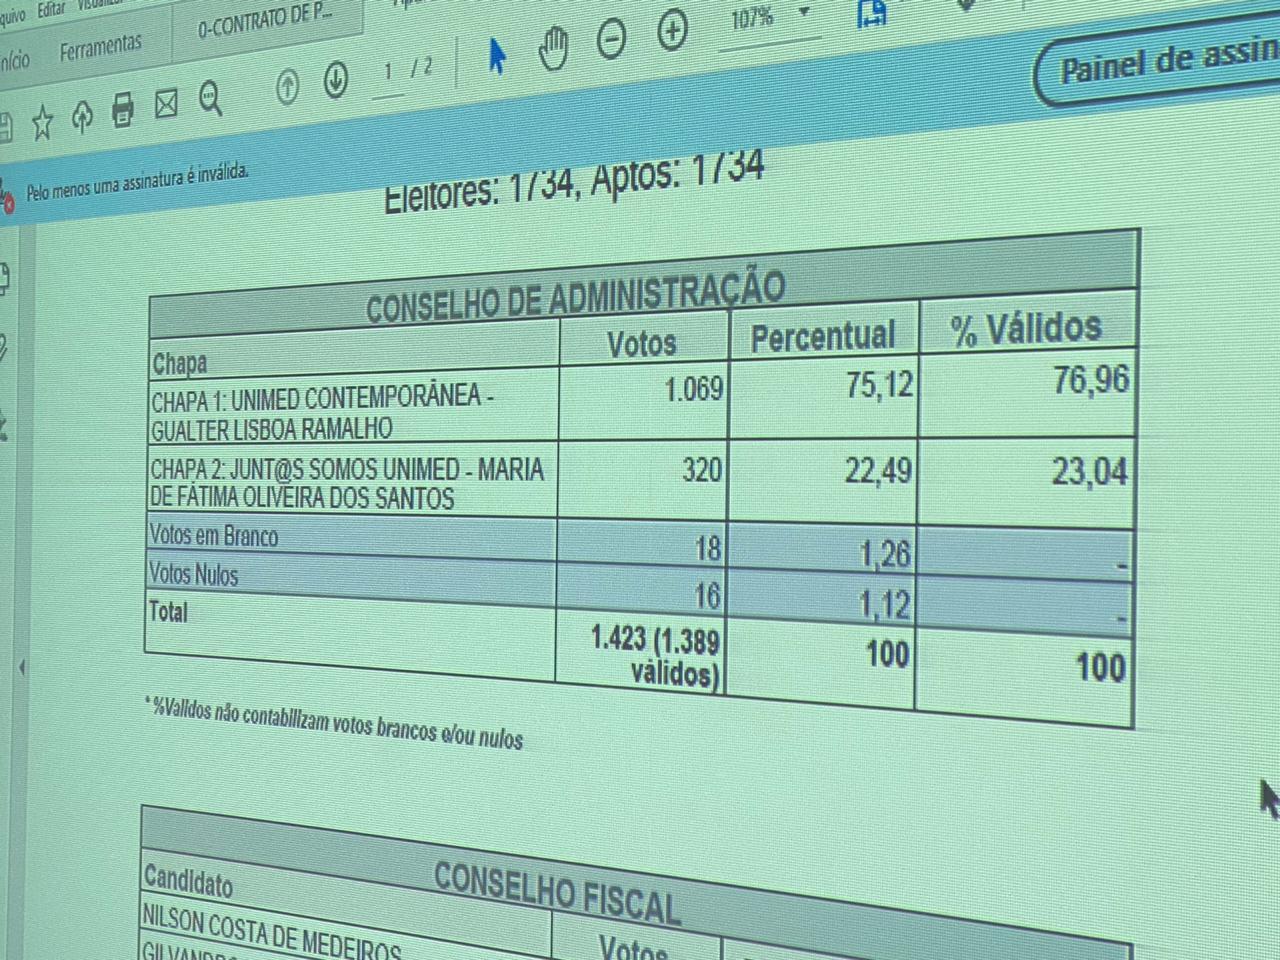 WhatsApp Image 2020 03 28 at 17.22.11 - ELEIÇÕES UNIMED: Chapa vencedora teve mais que triplo de votos que concorrente - VEJA VOTOS